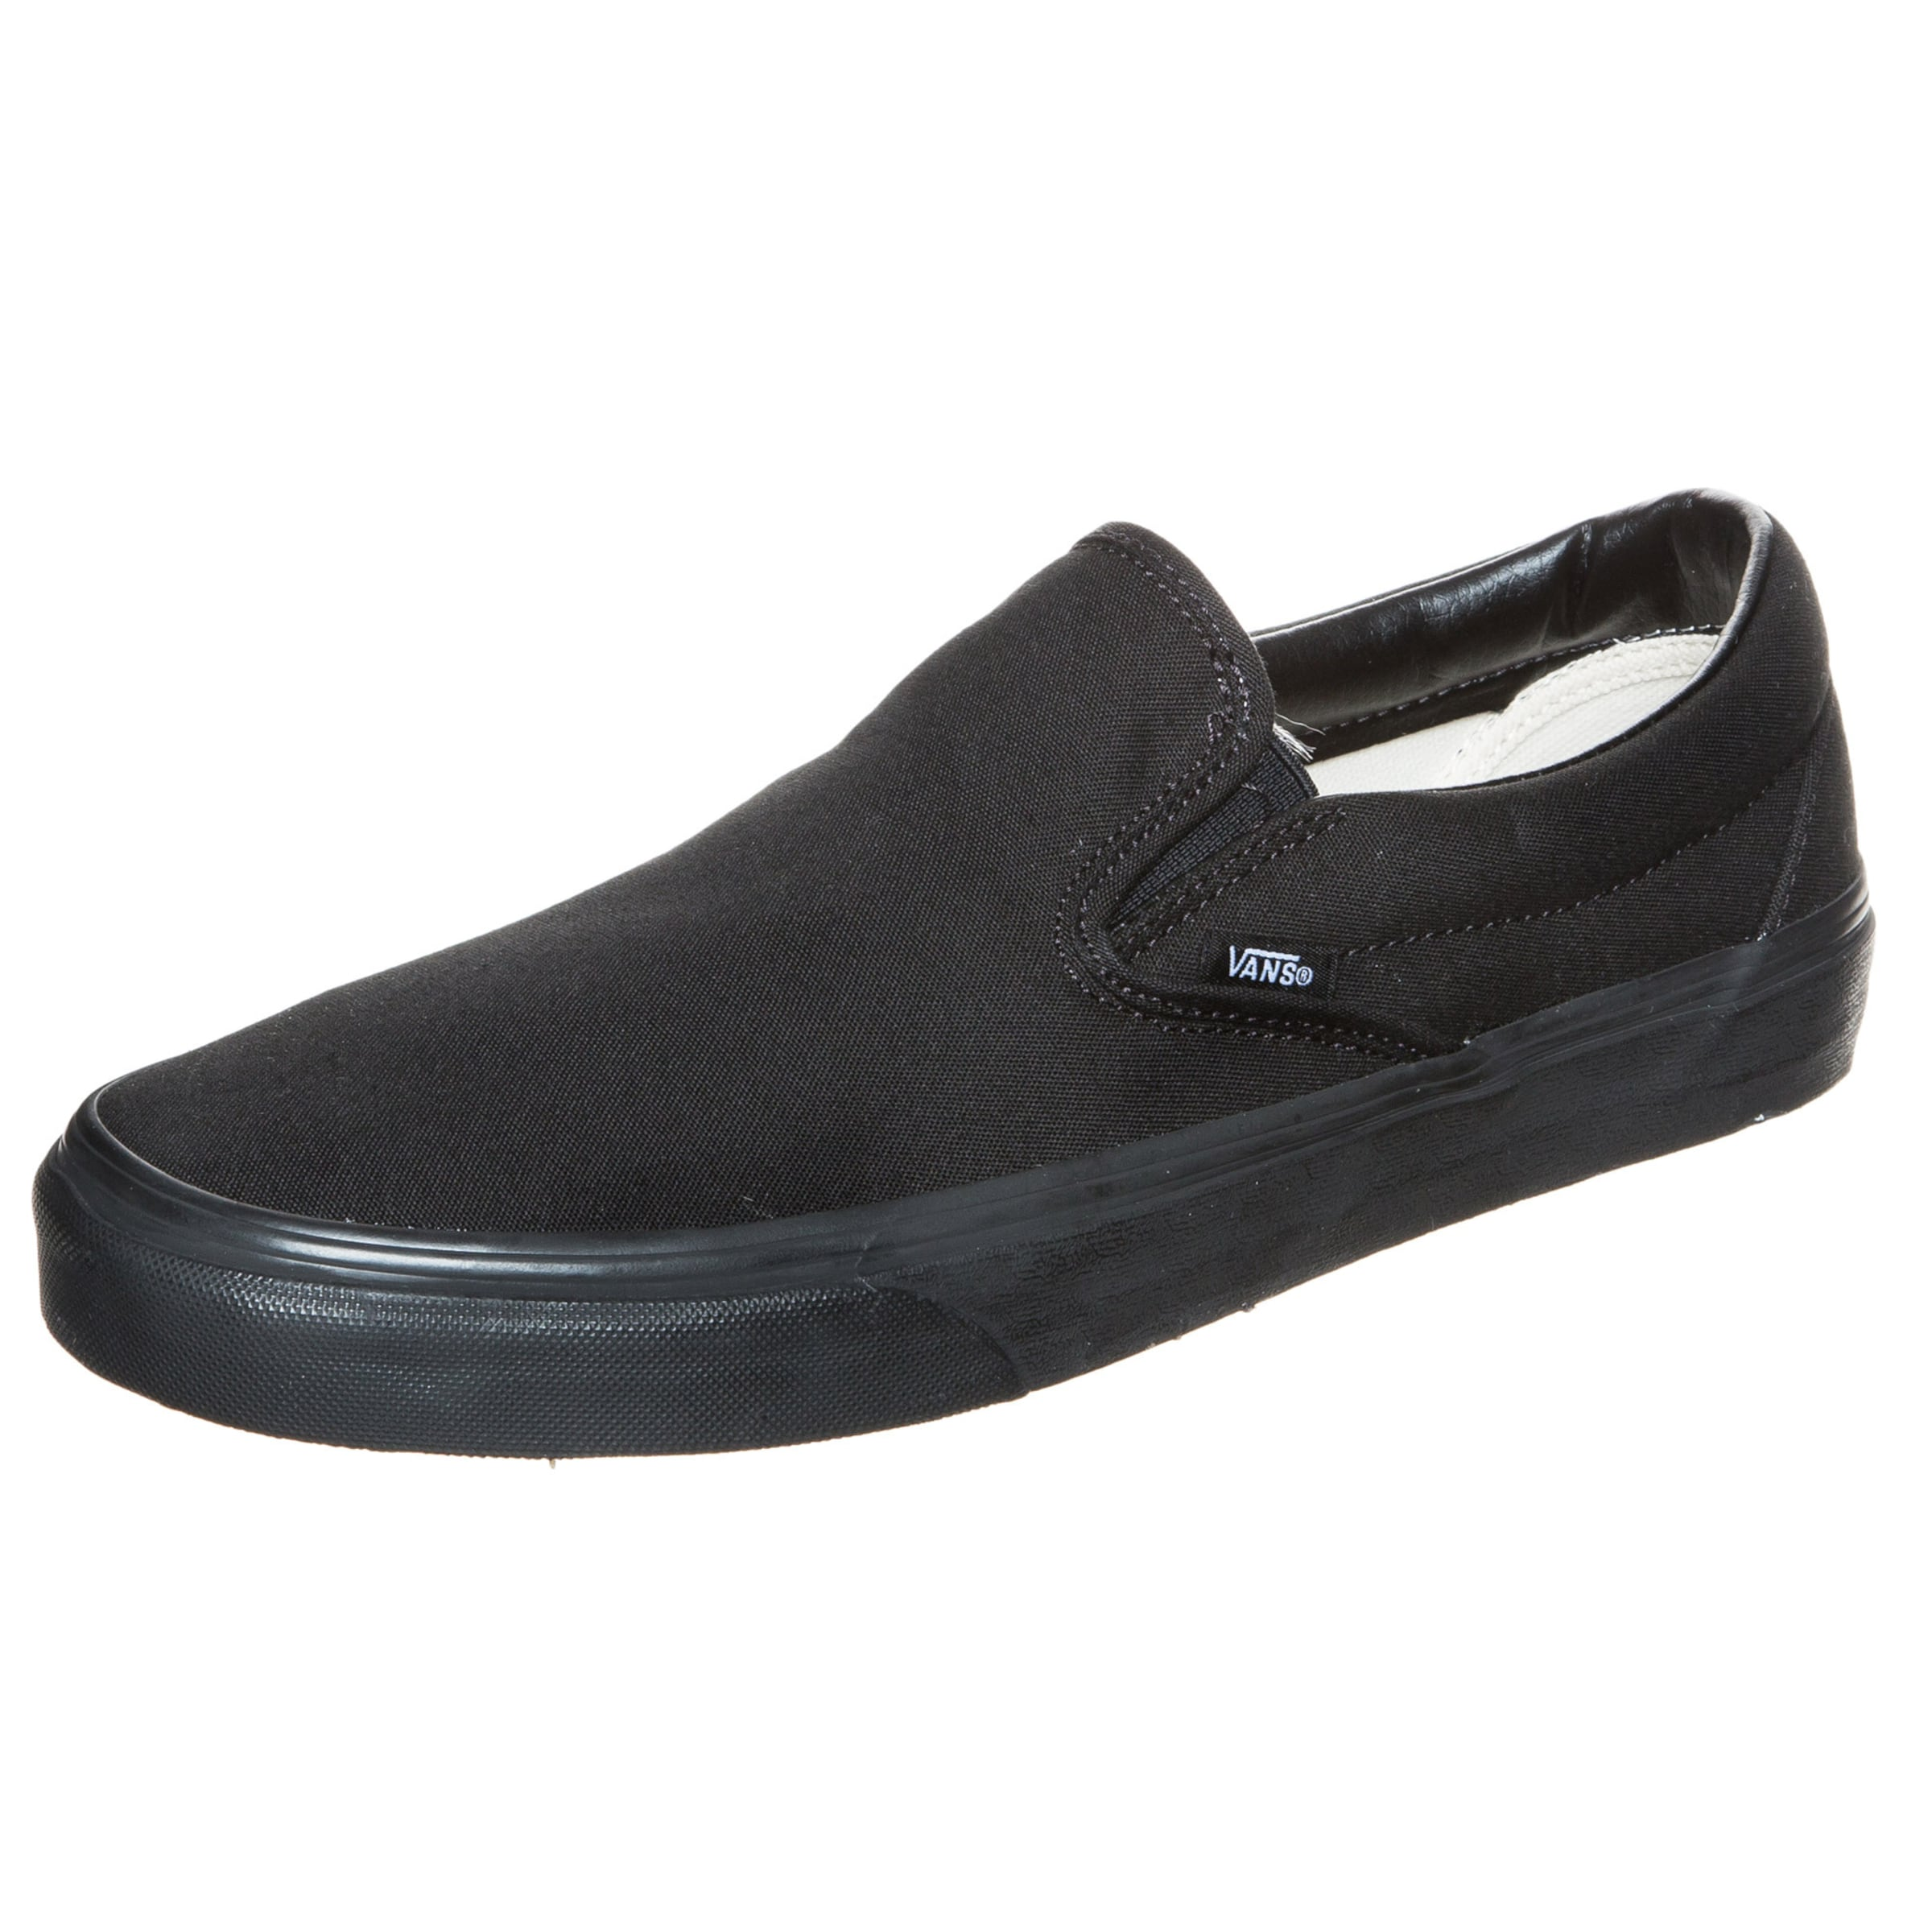 VANS Sneaker Classic Slip-On Verschleißfeste billige Schuhe